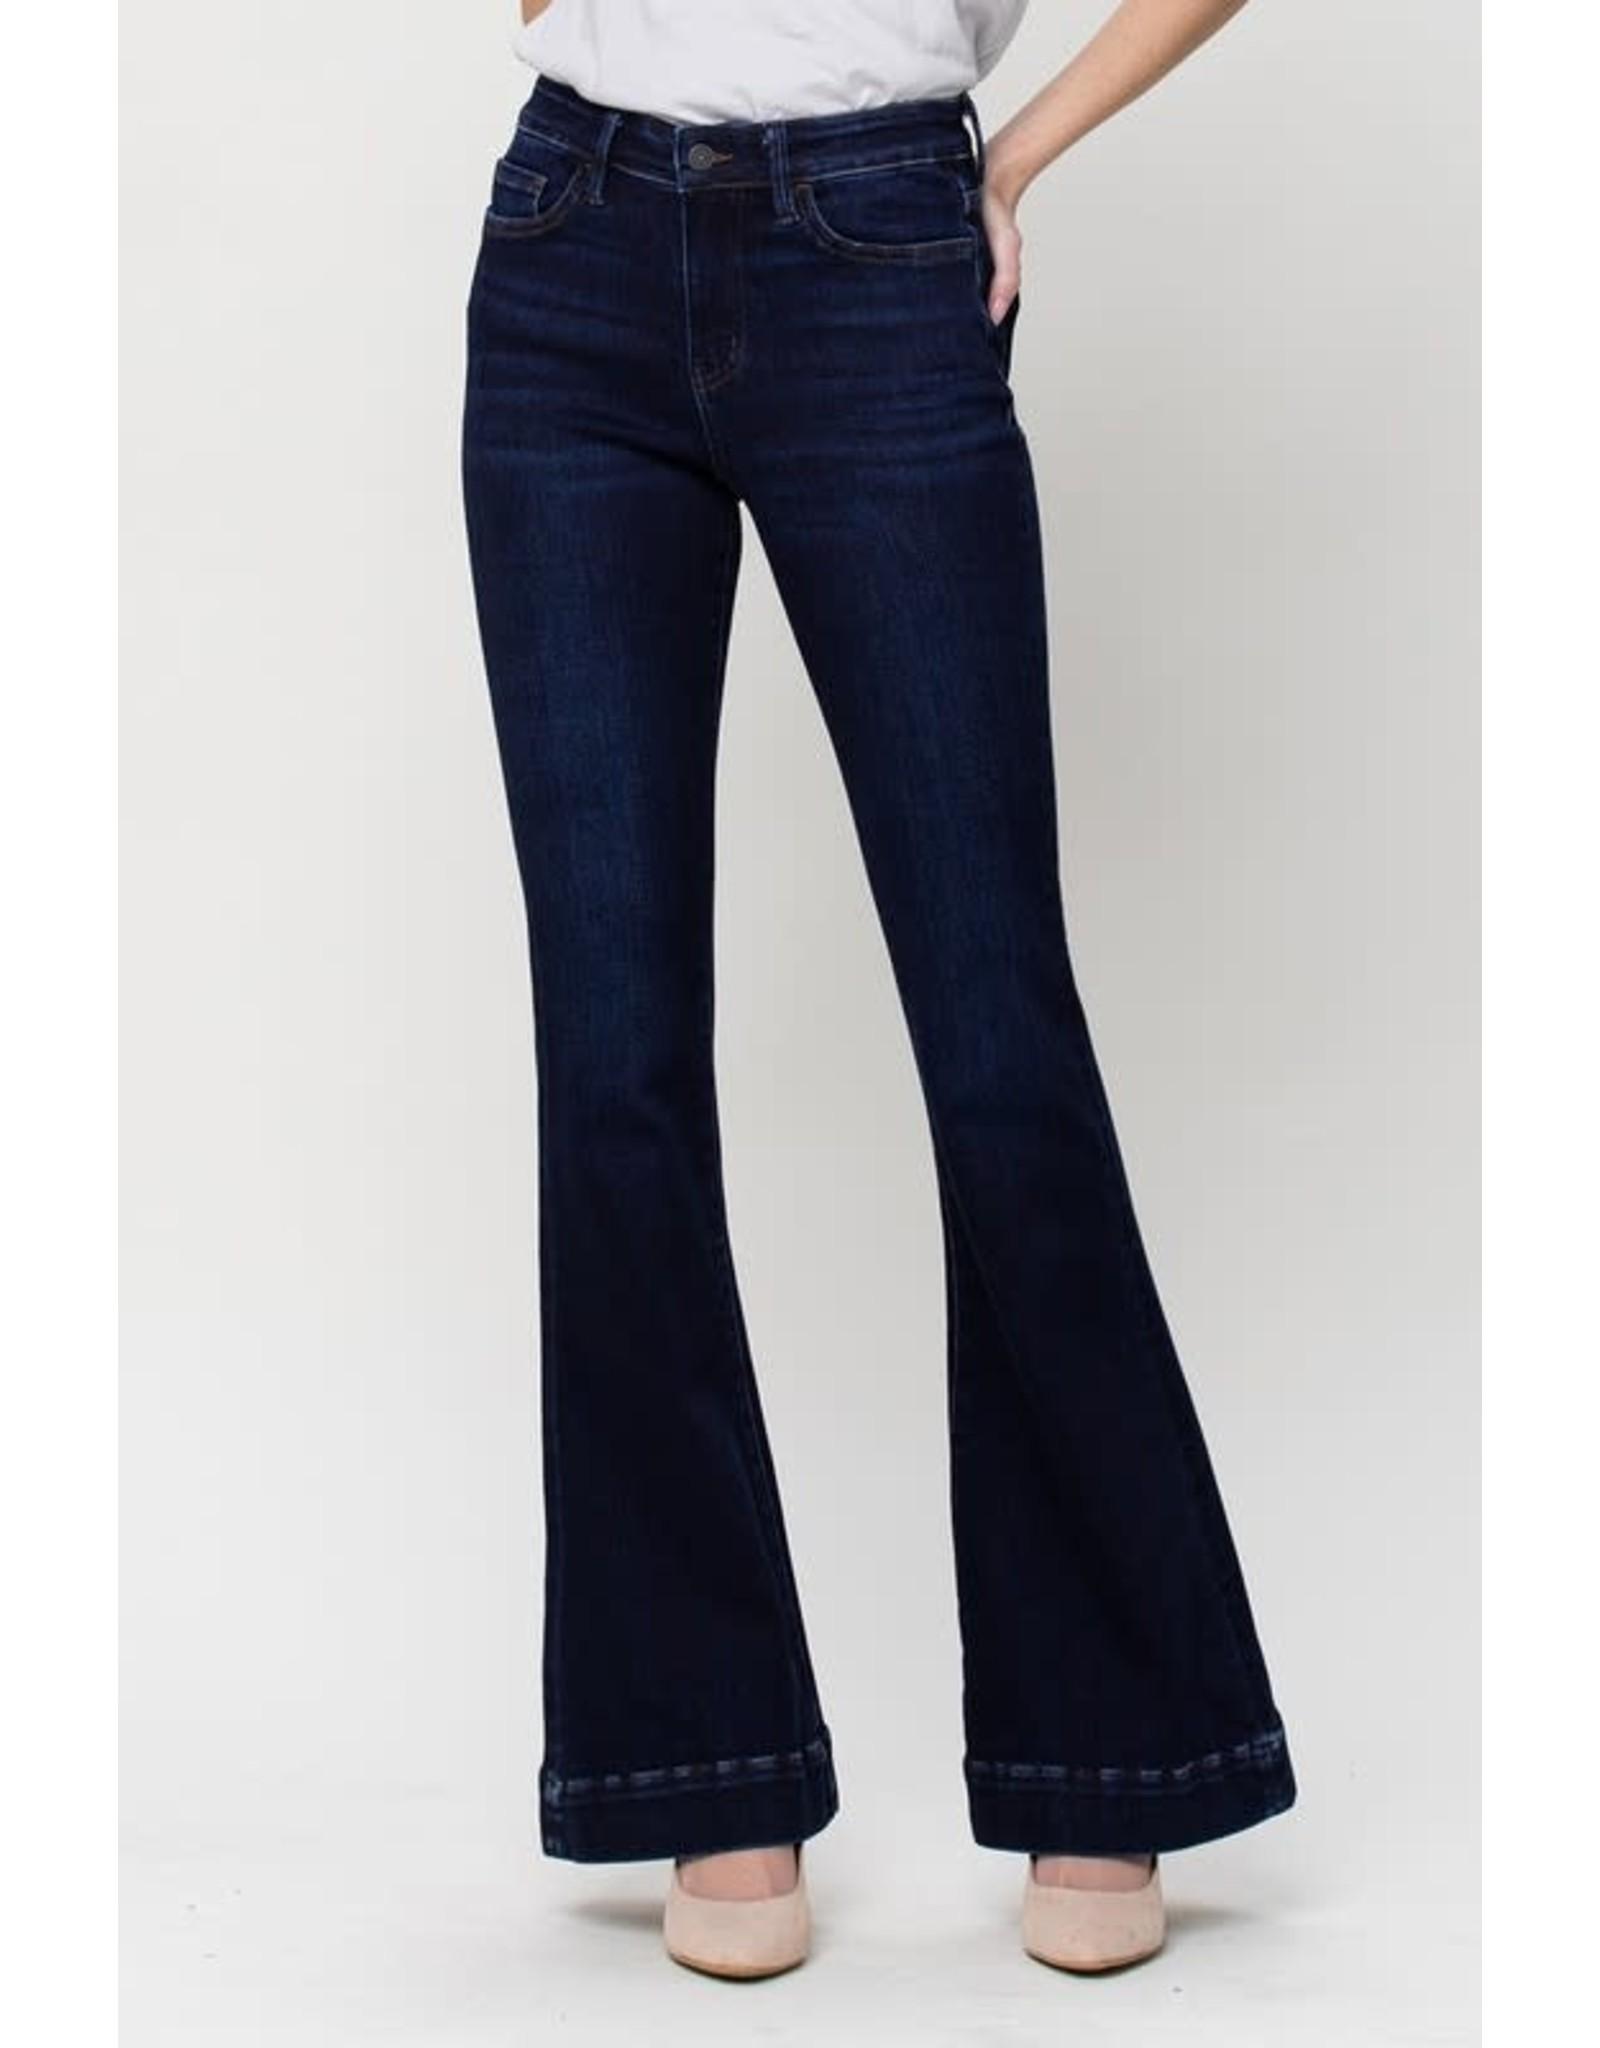 Vervet Wistful HR Flare Jeans